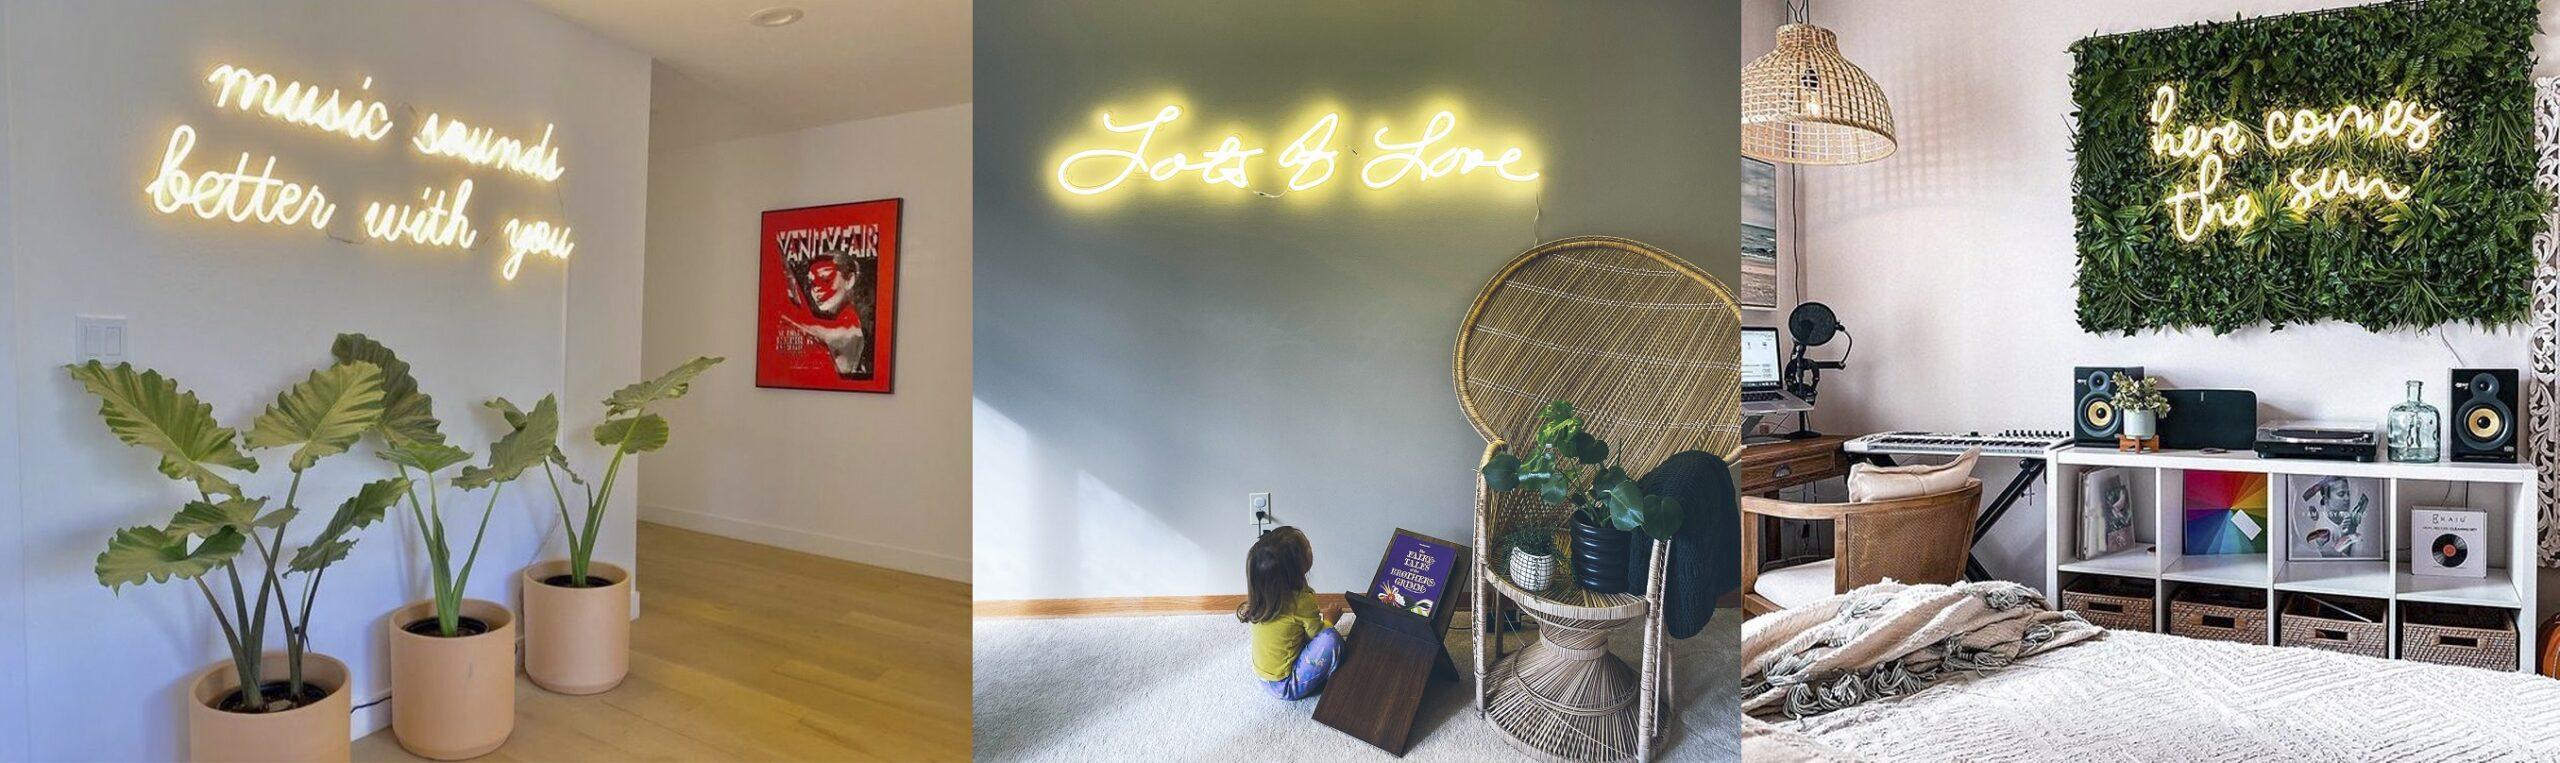 incorporate neon into home